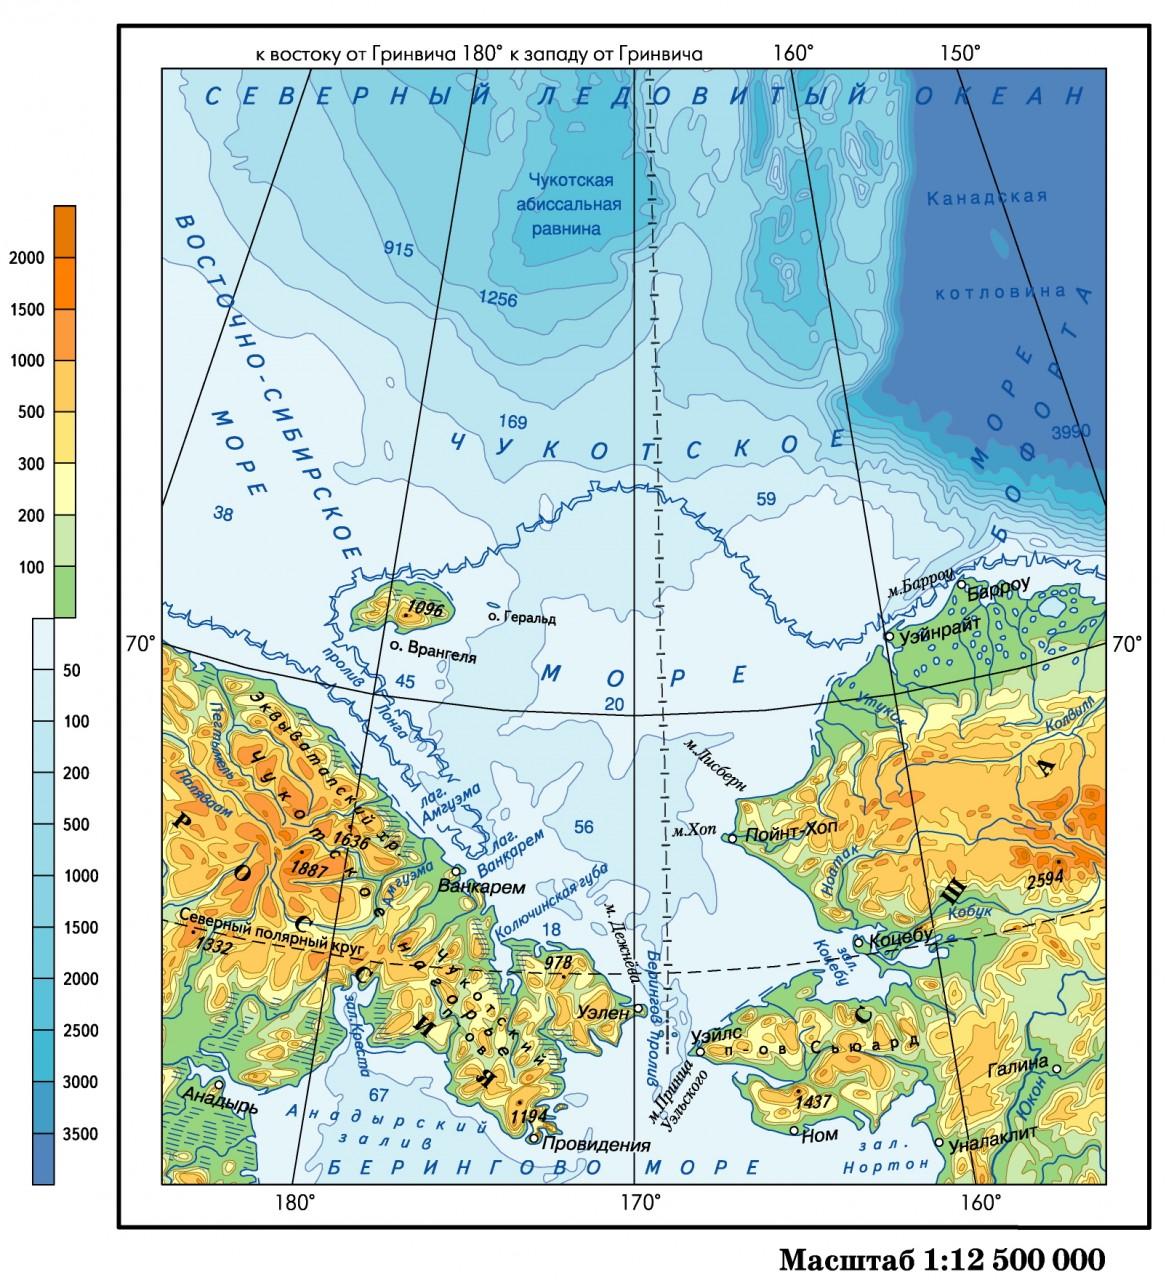 Где на карте находится море чукотское